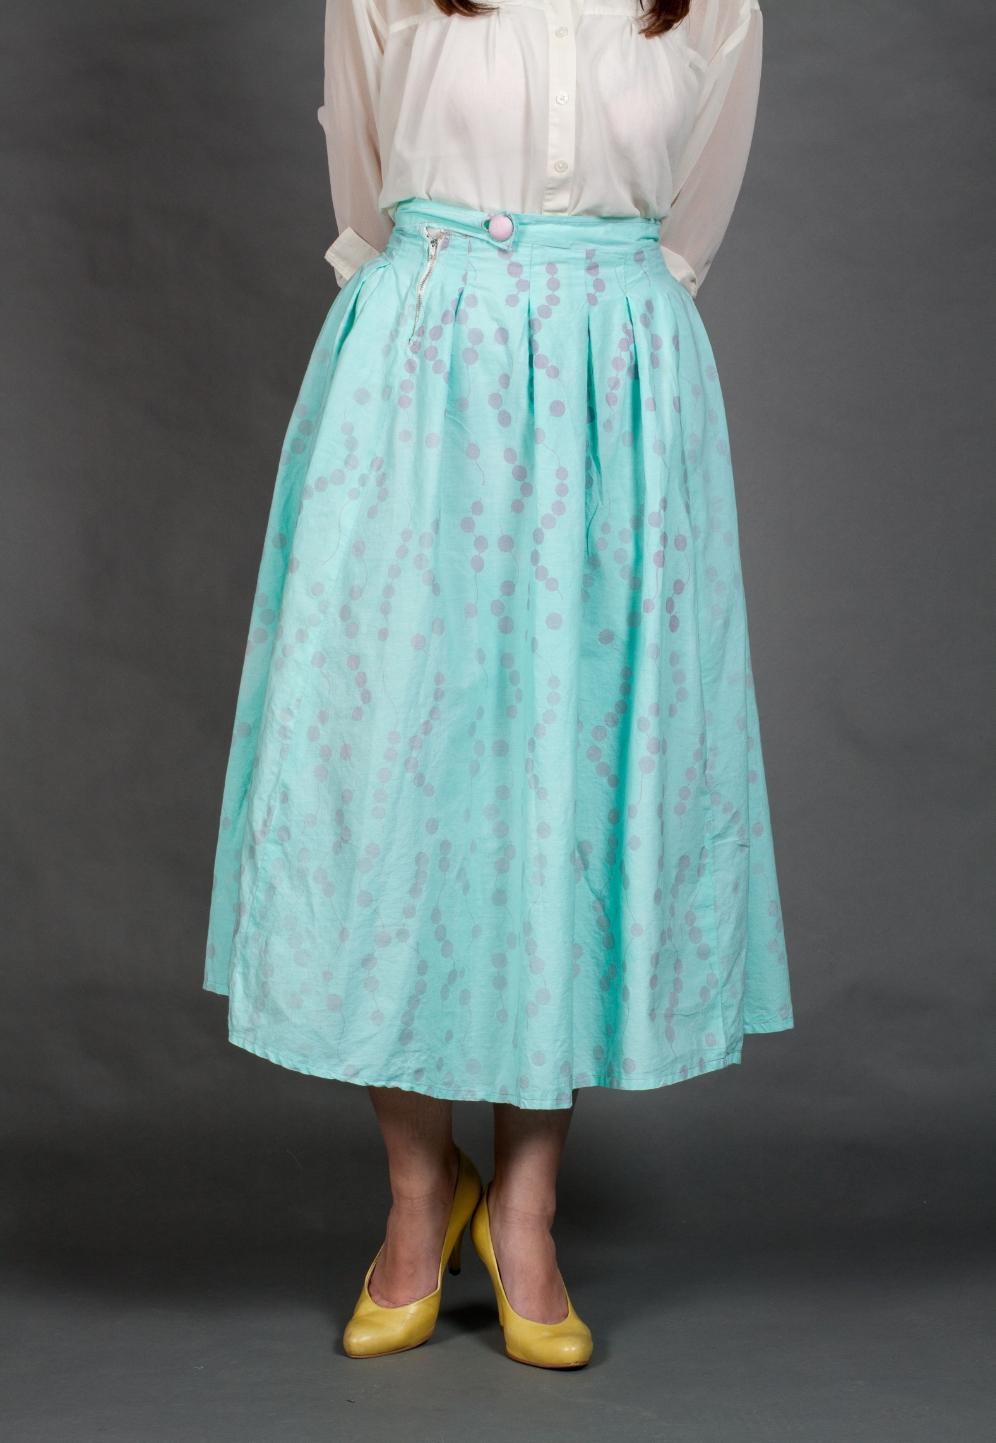 Lydia's Skirt